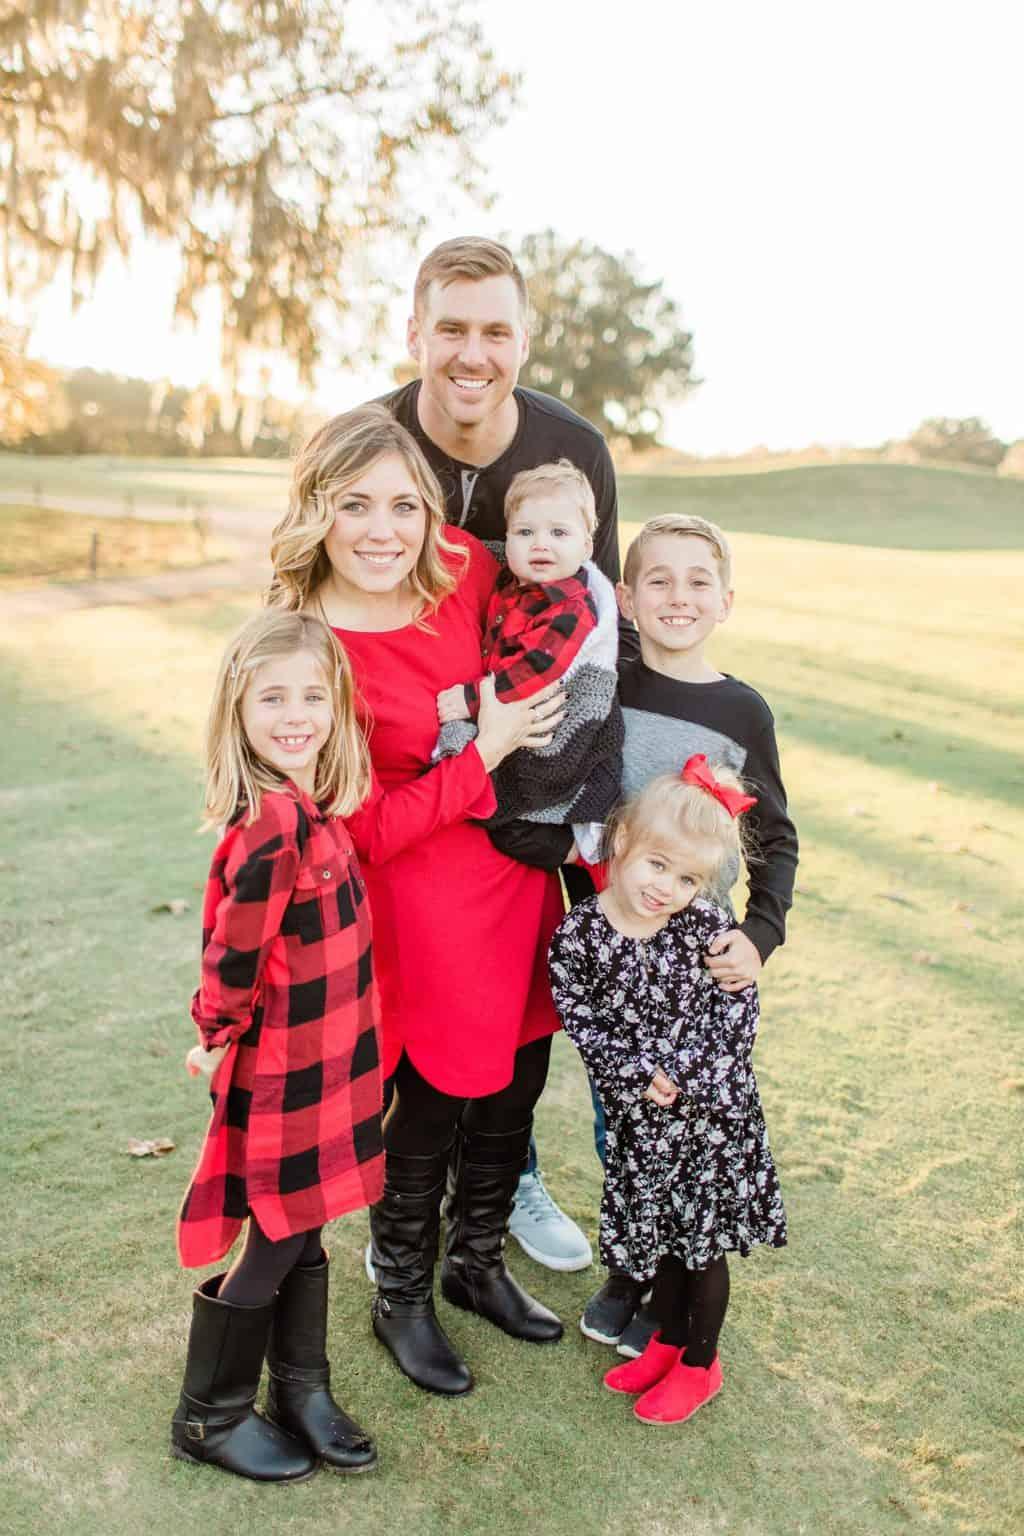 Family Photos: Dec 2018